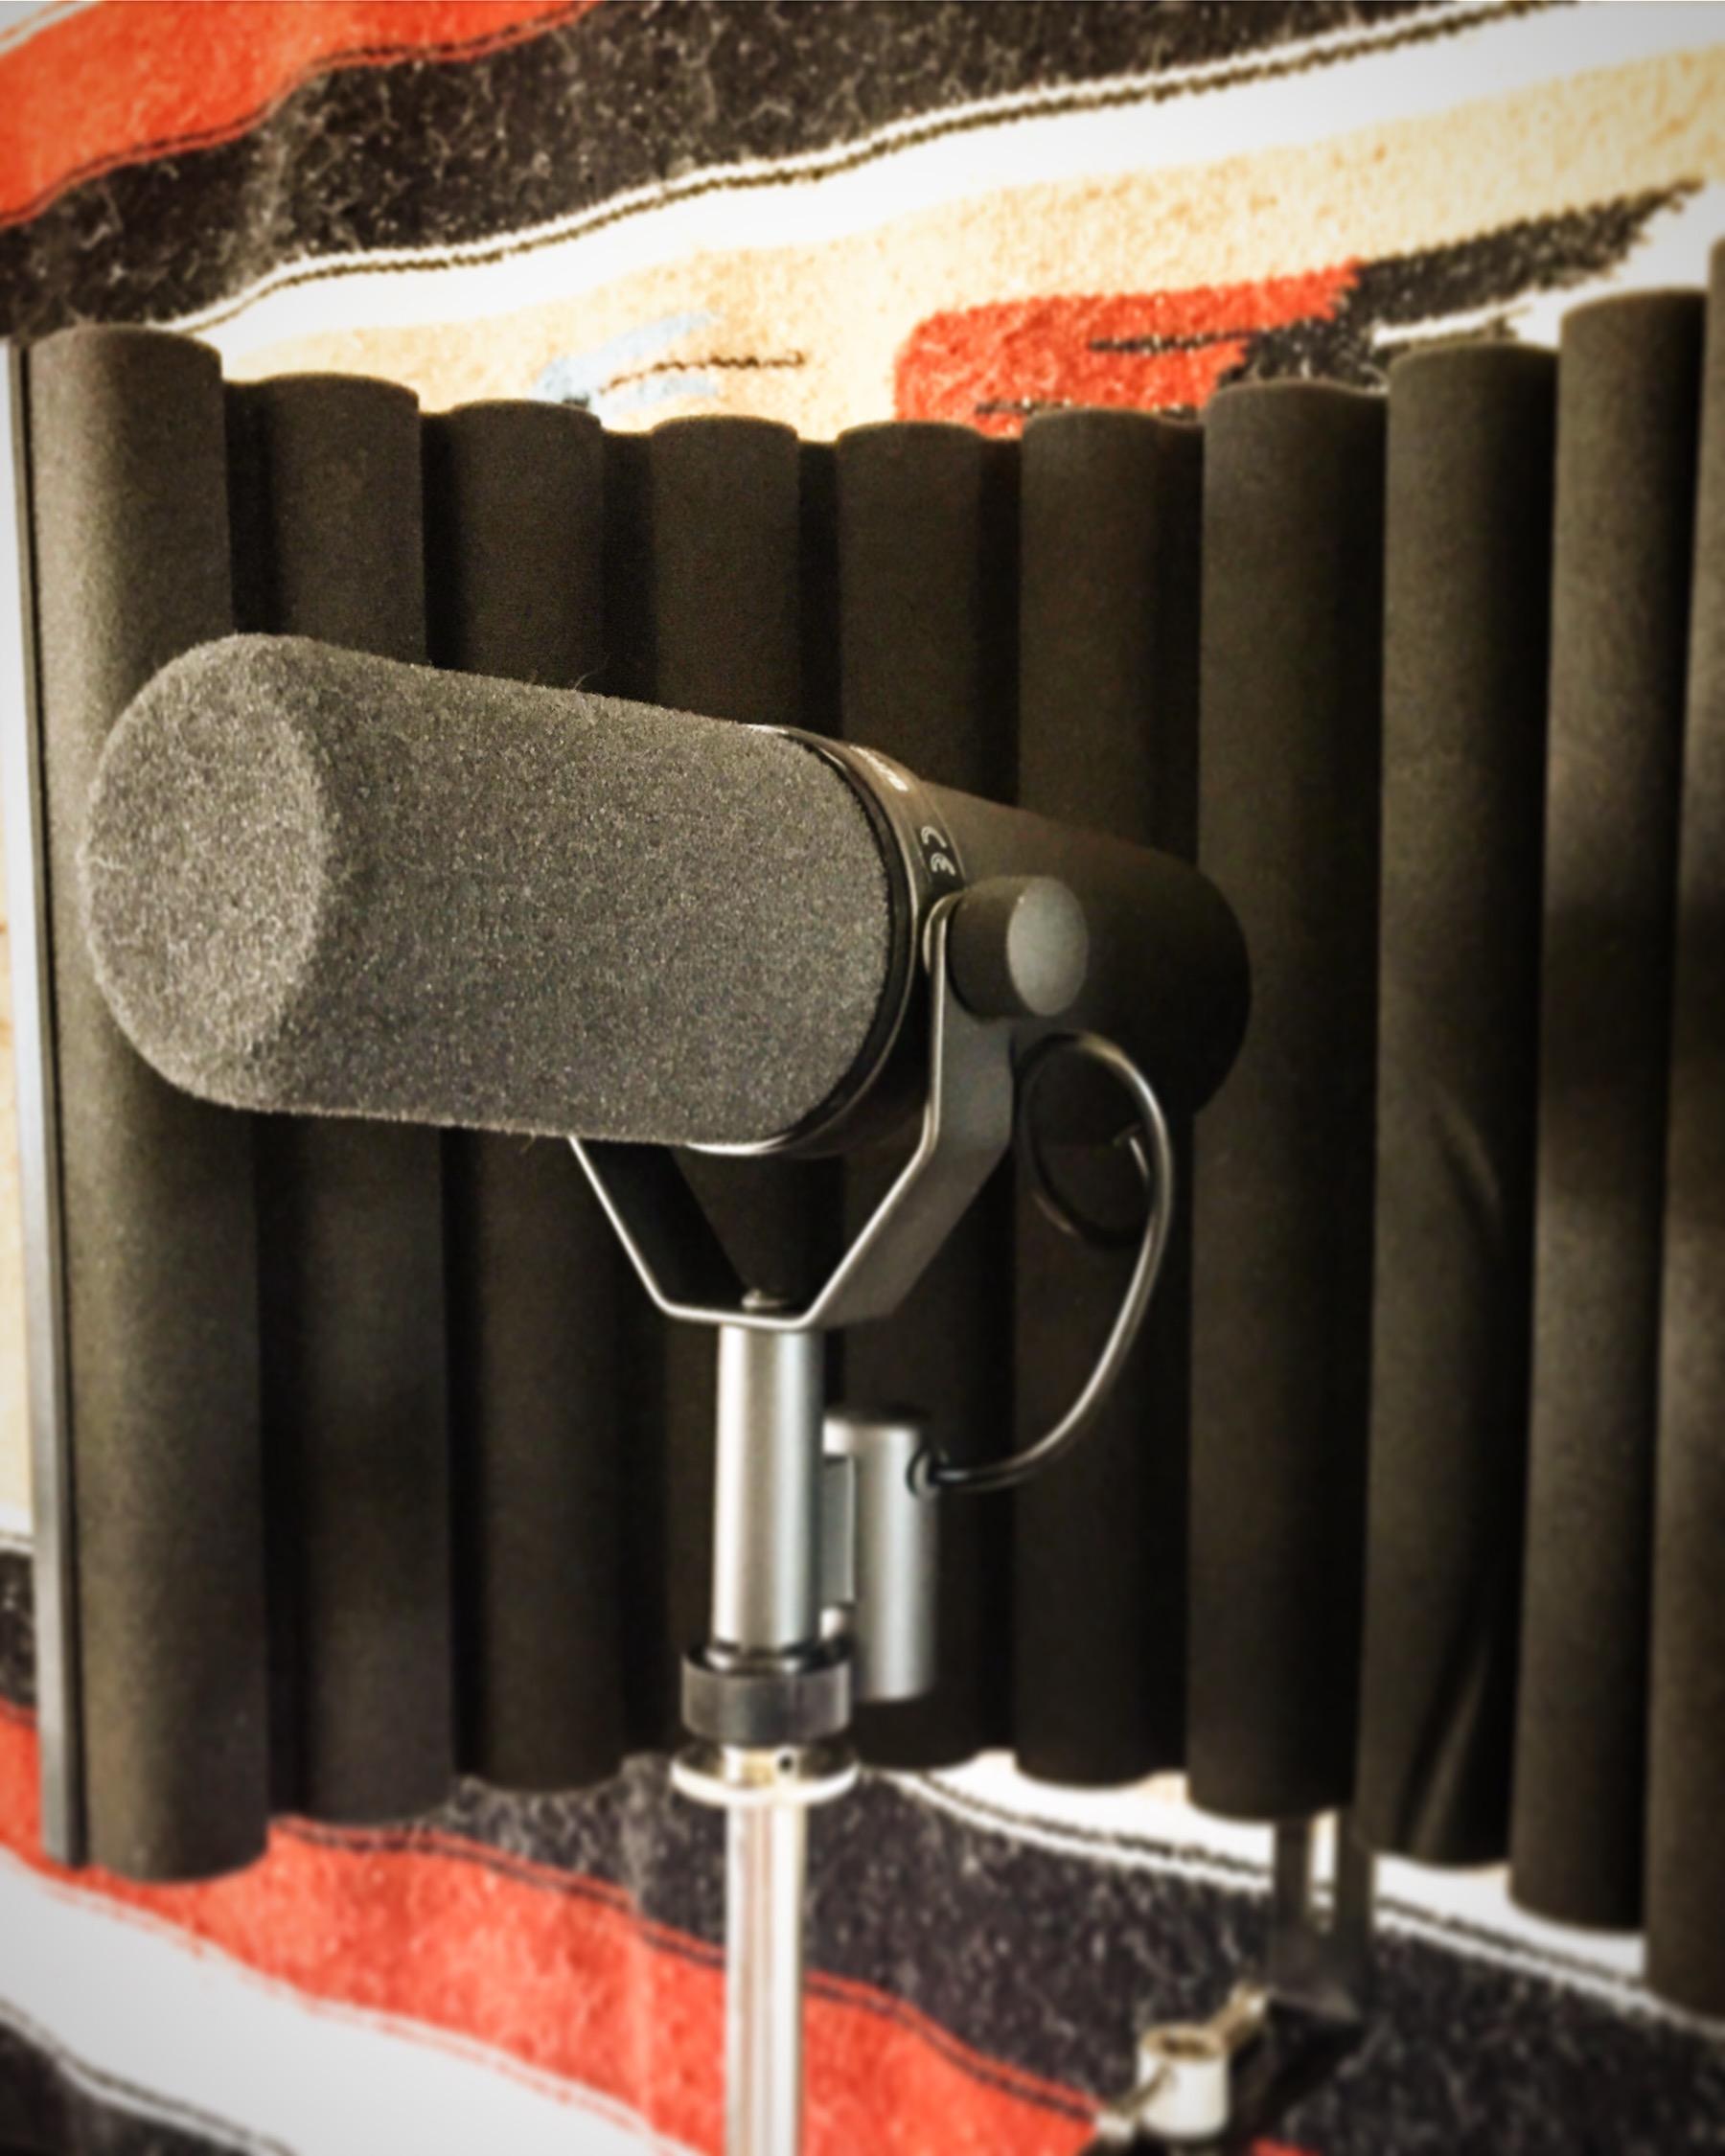 Shure SM7B At TwoCat Studios In Tucson